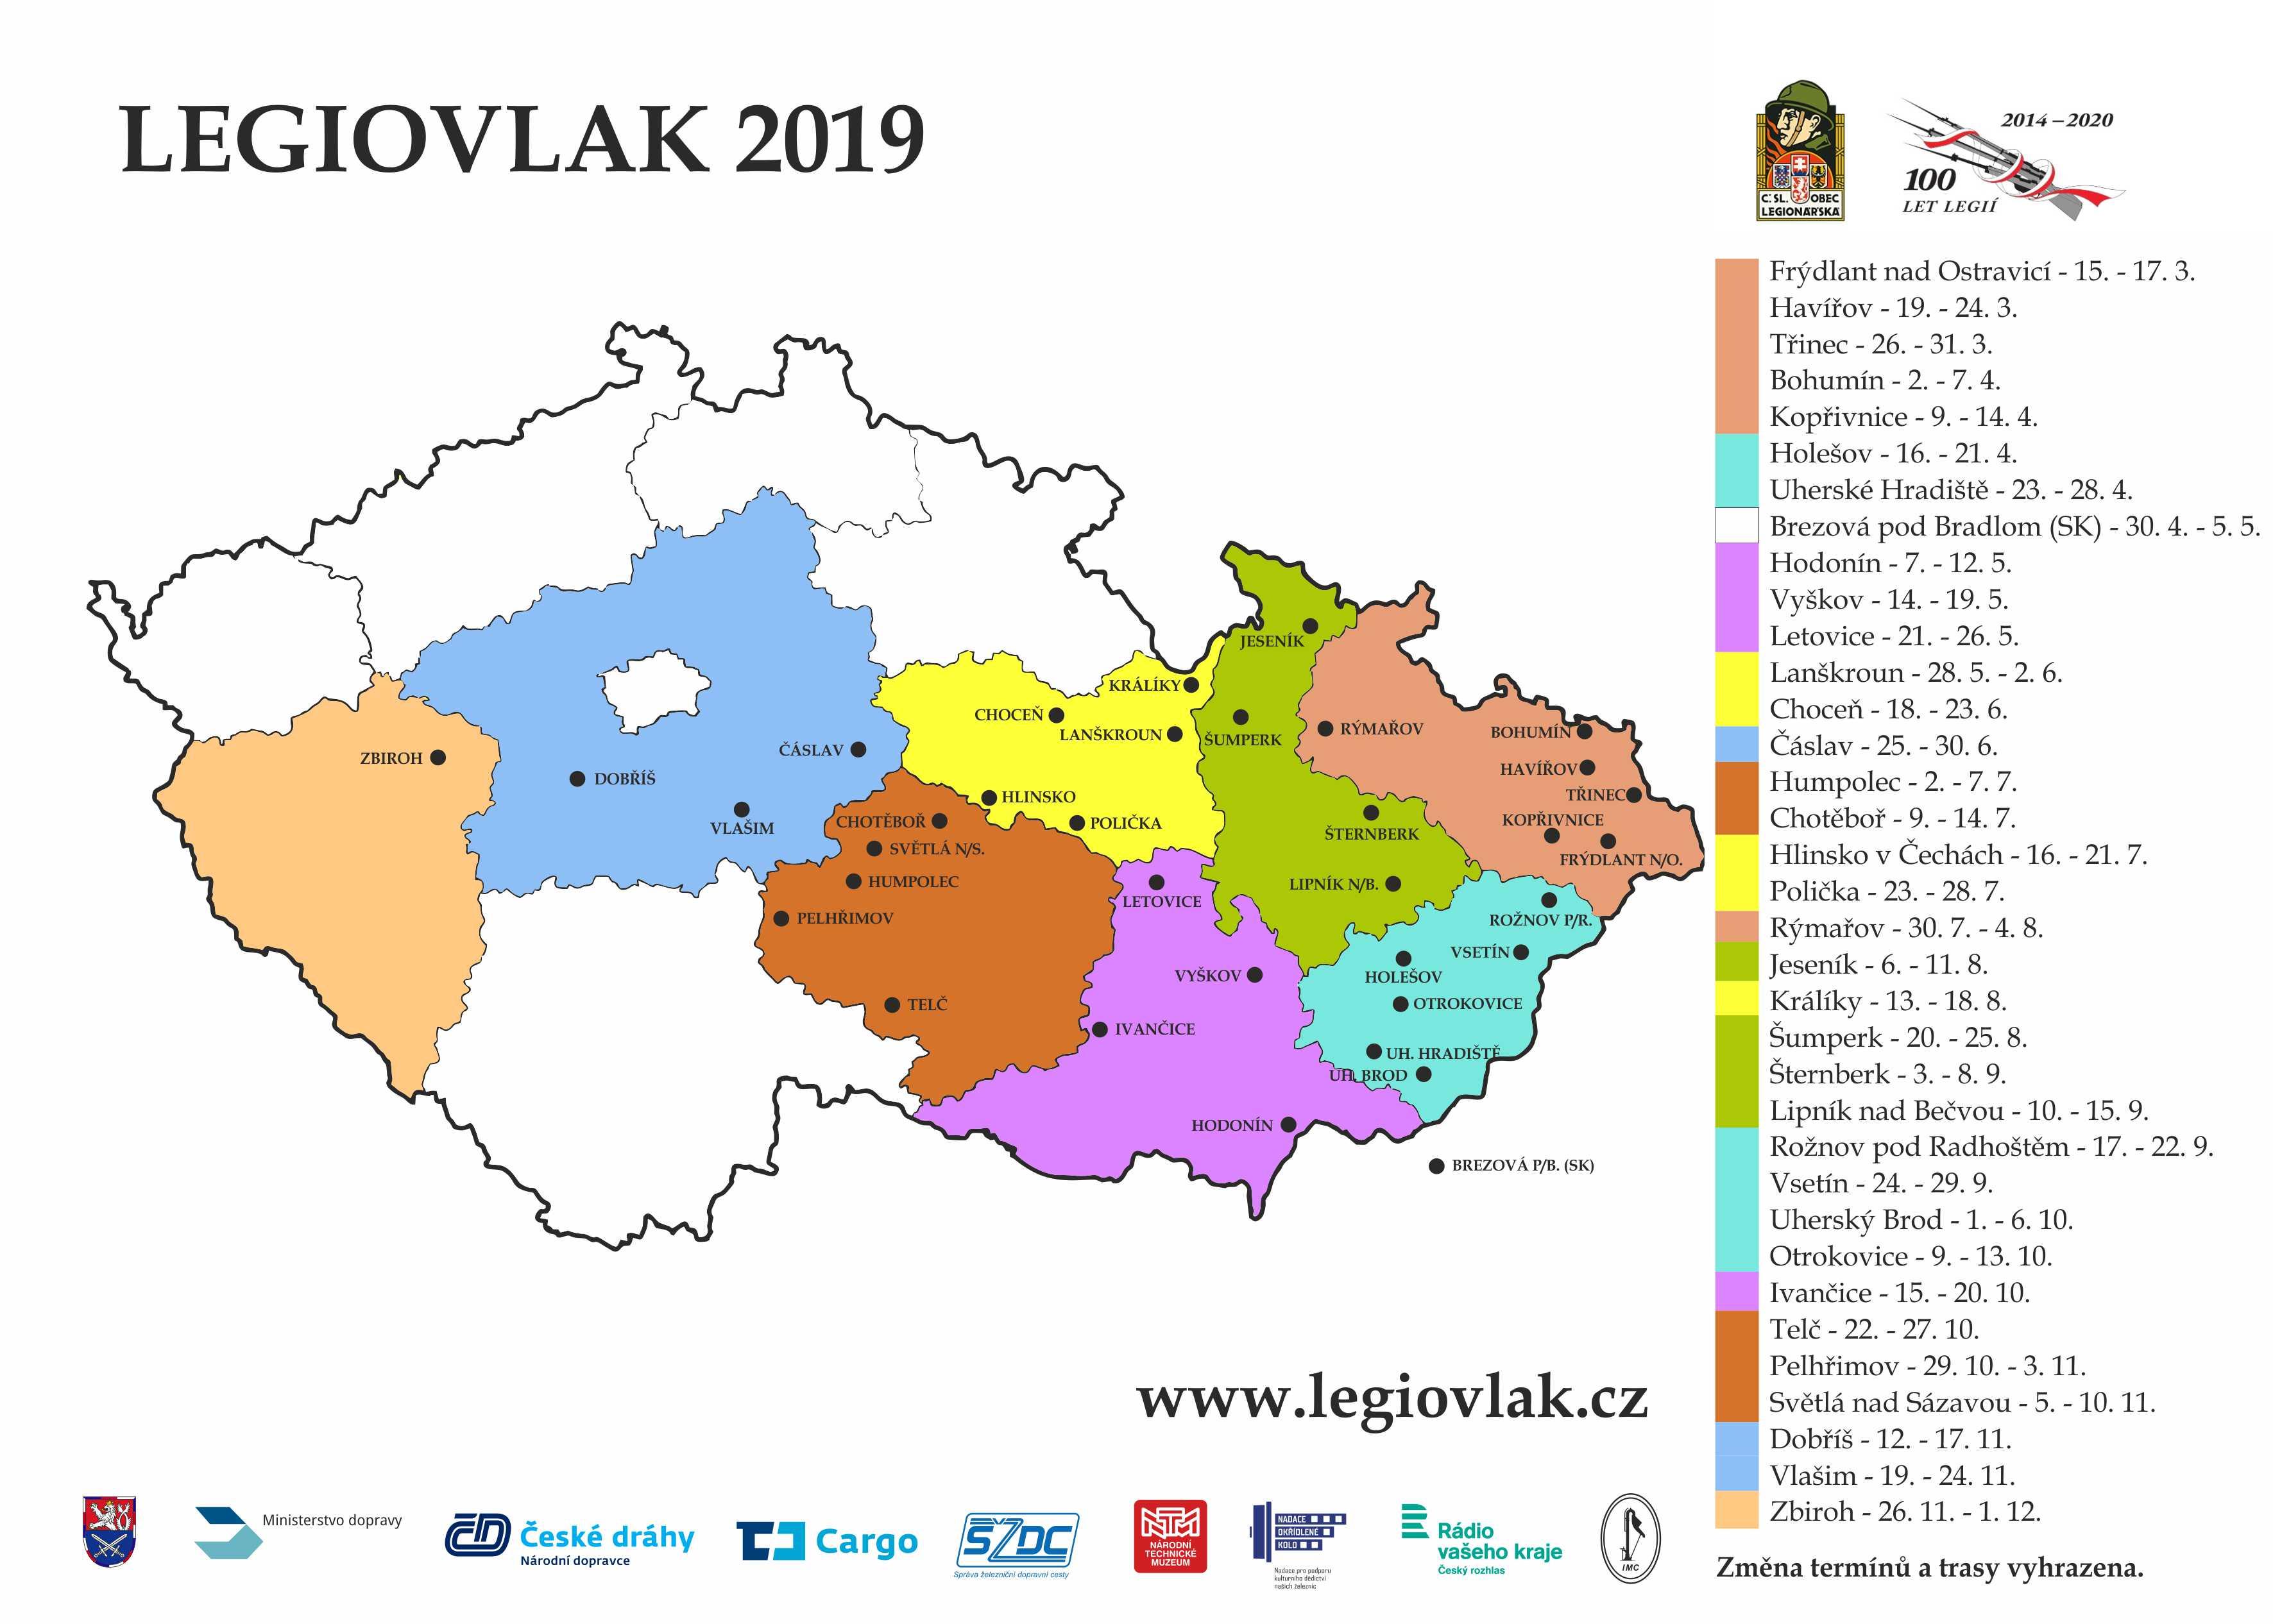 Legiovlak 2019